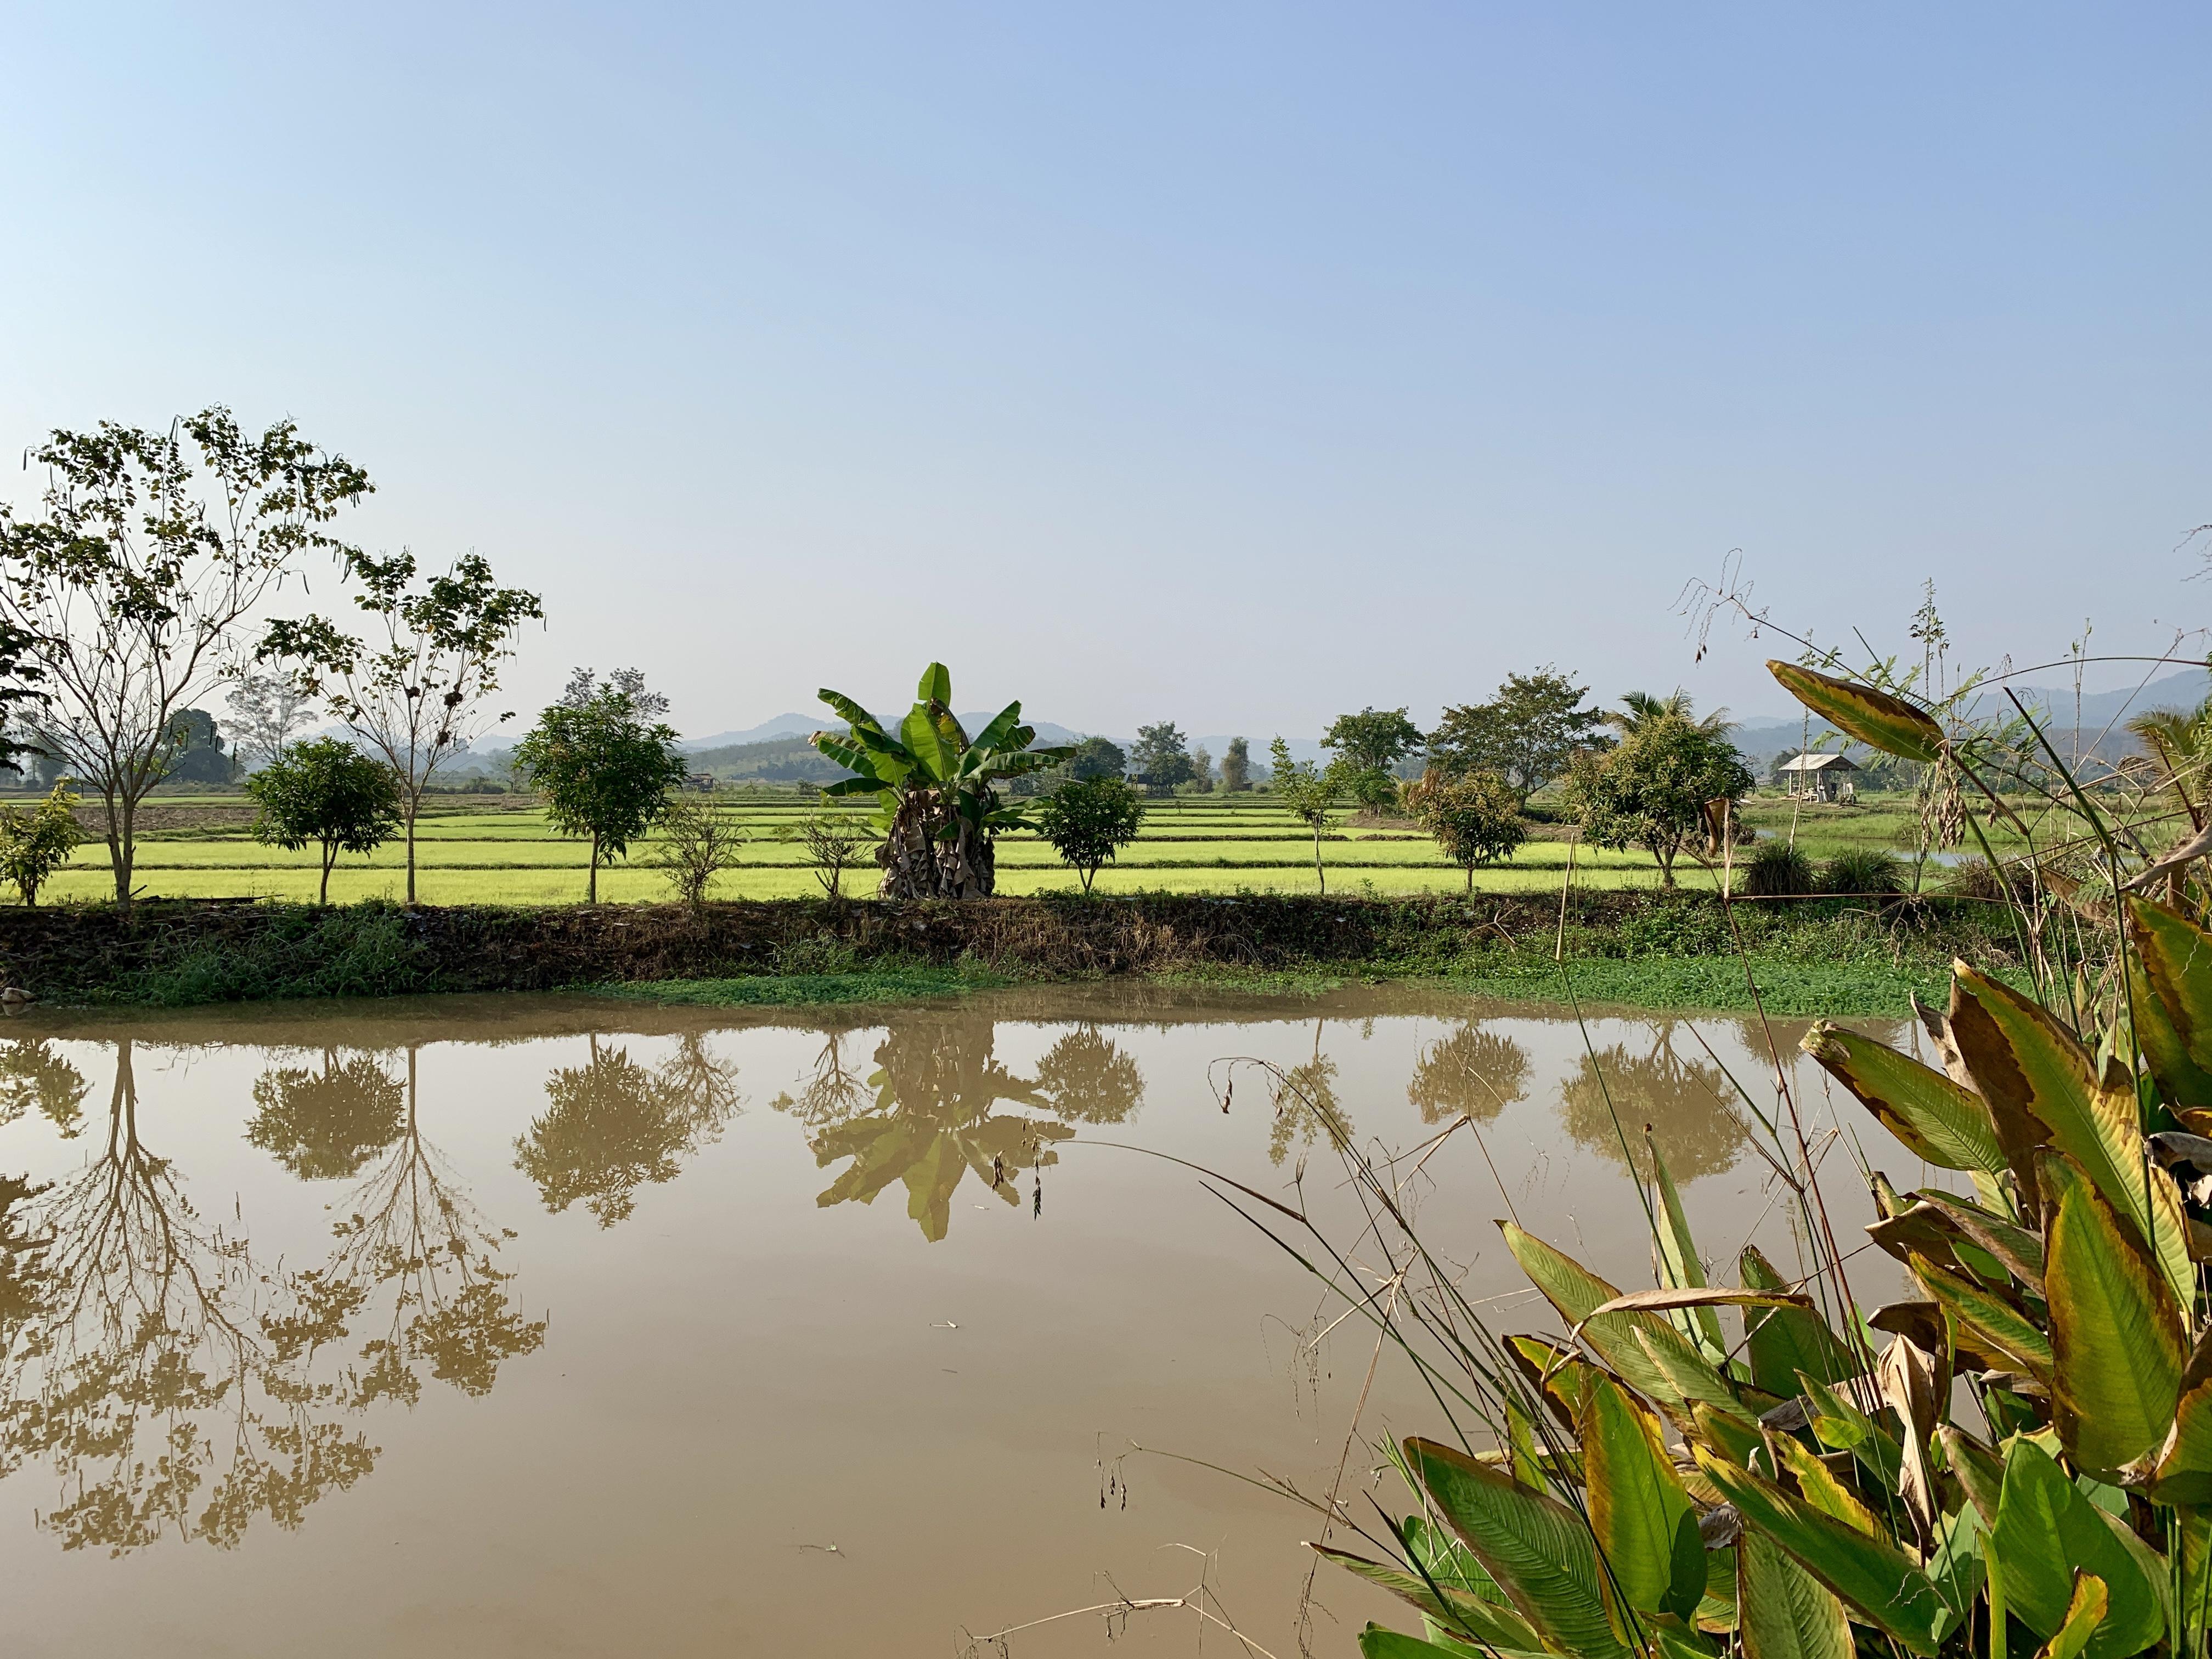 De rizières en rizières jusqu'à Chiang Raï au Nord de la Thaïlande.